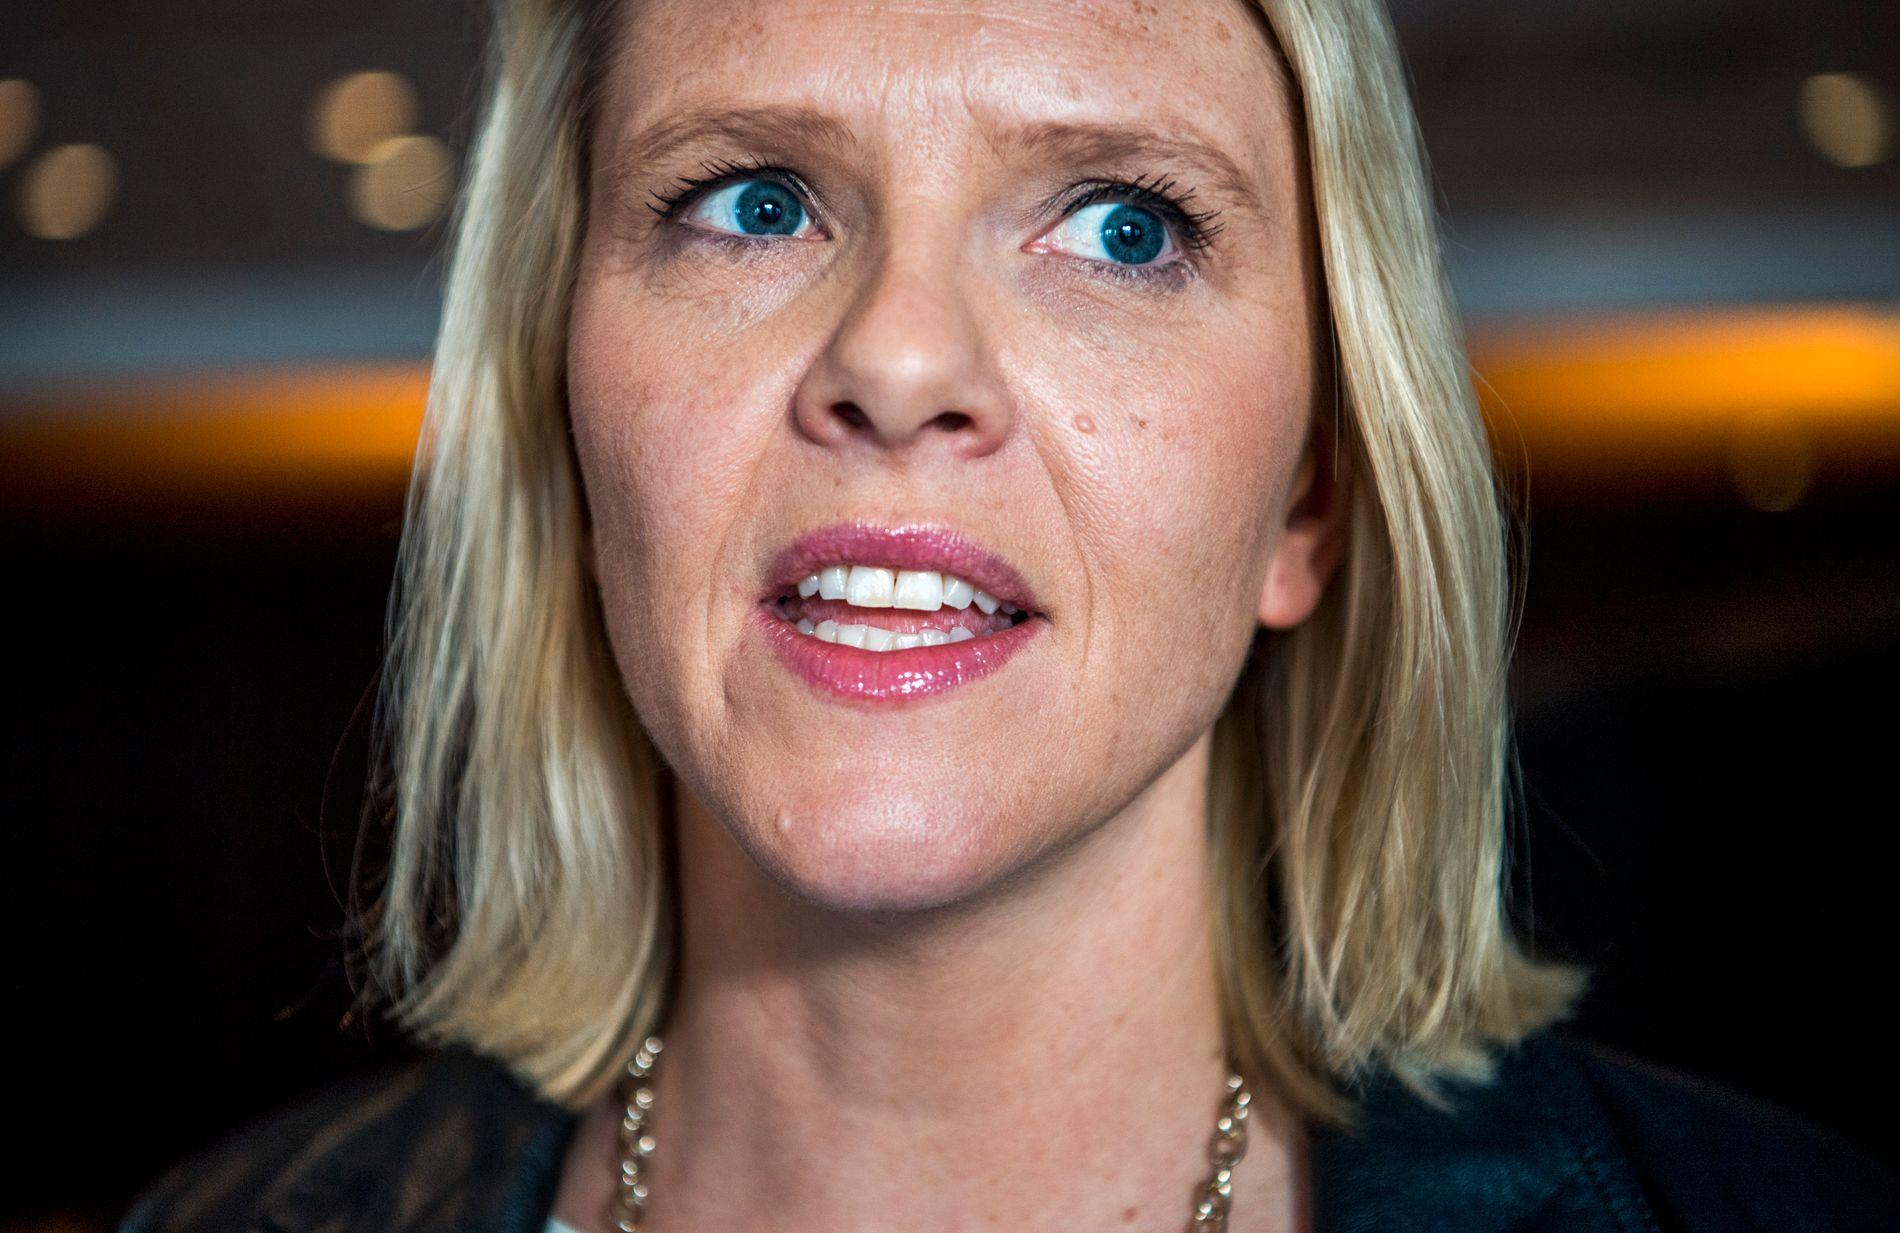 INGEN GULLSTOL: Frp-statsråd Sylvi Listhaug ble kjent for utsagnet om at flyktninger «ikke kan bli båret inn på gullstol til Norge». Nå tydeliggjør hun hva dette innebærer.